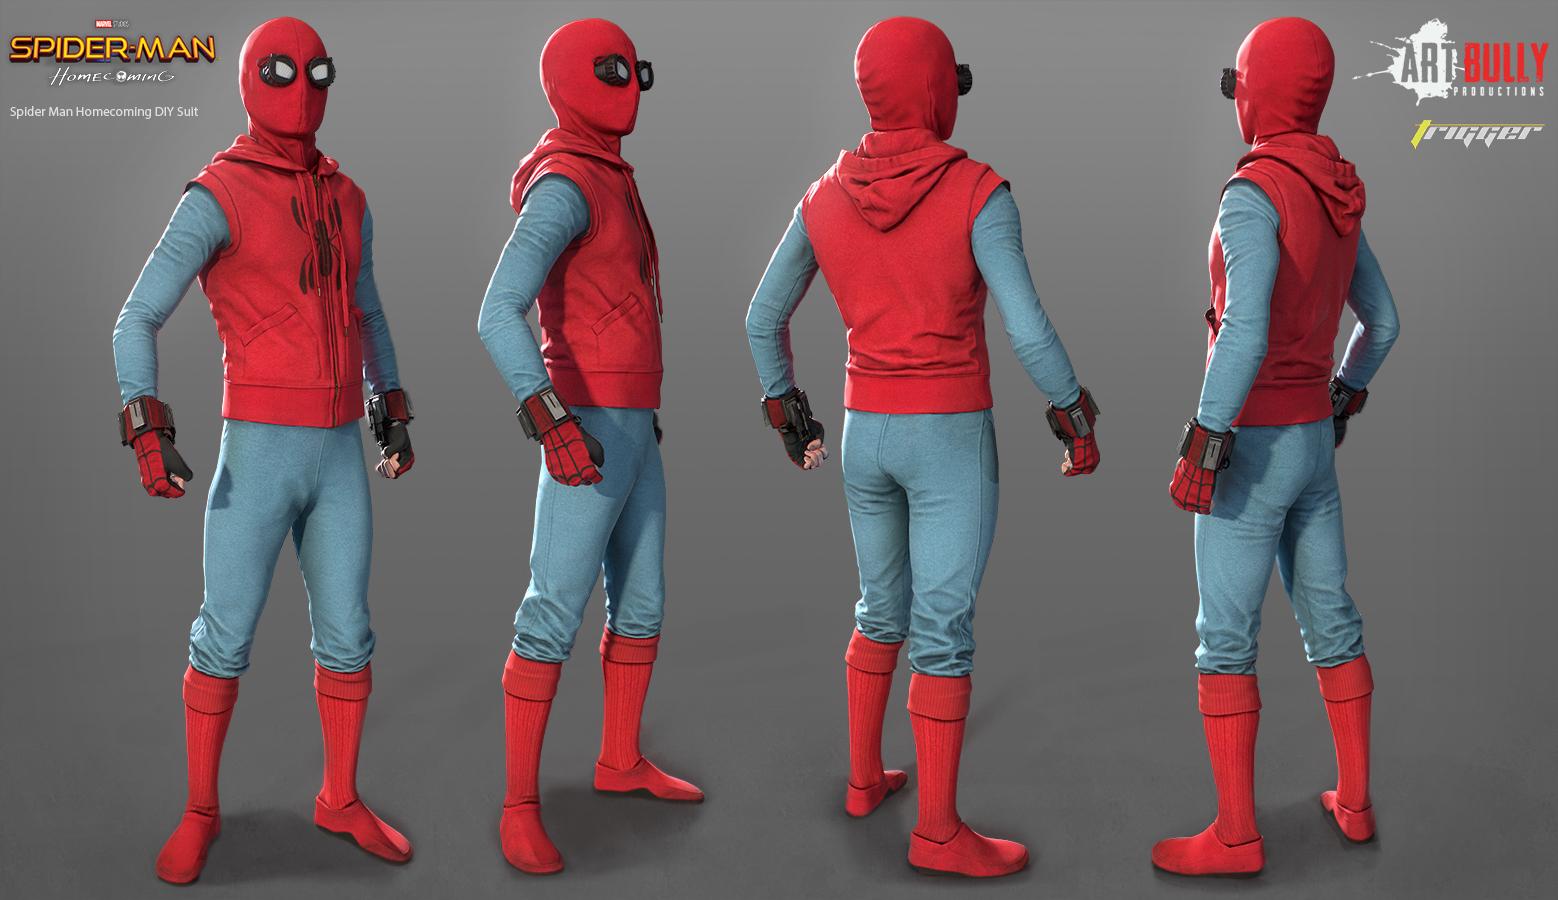 SpiderMan_Homecoming_DIY_Suit_Render_01.jpg